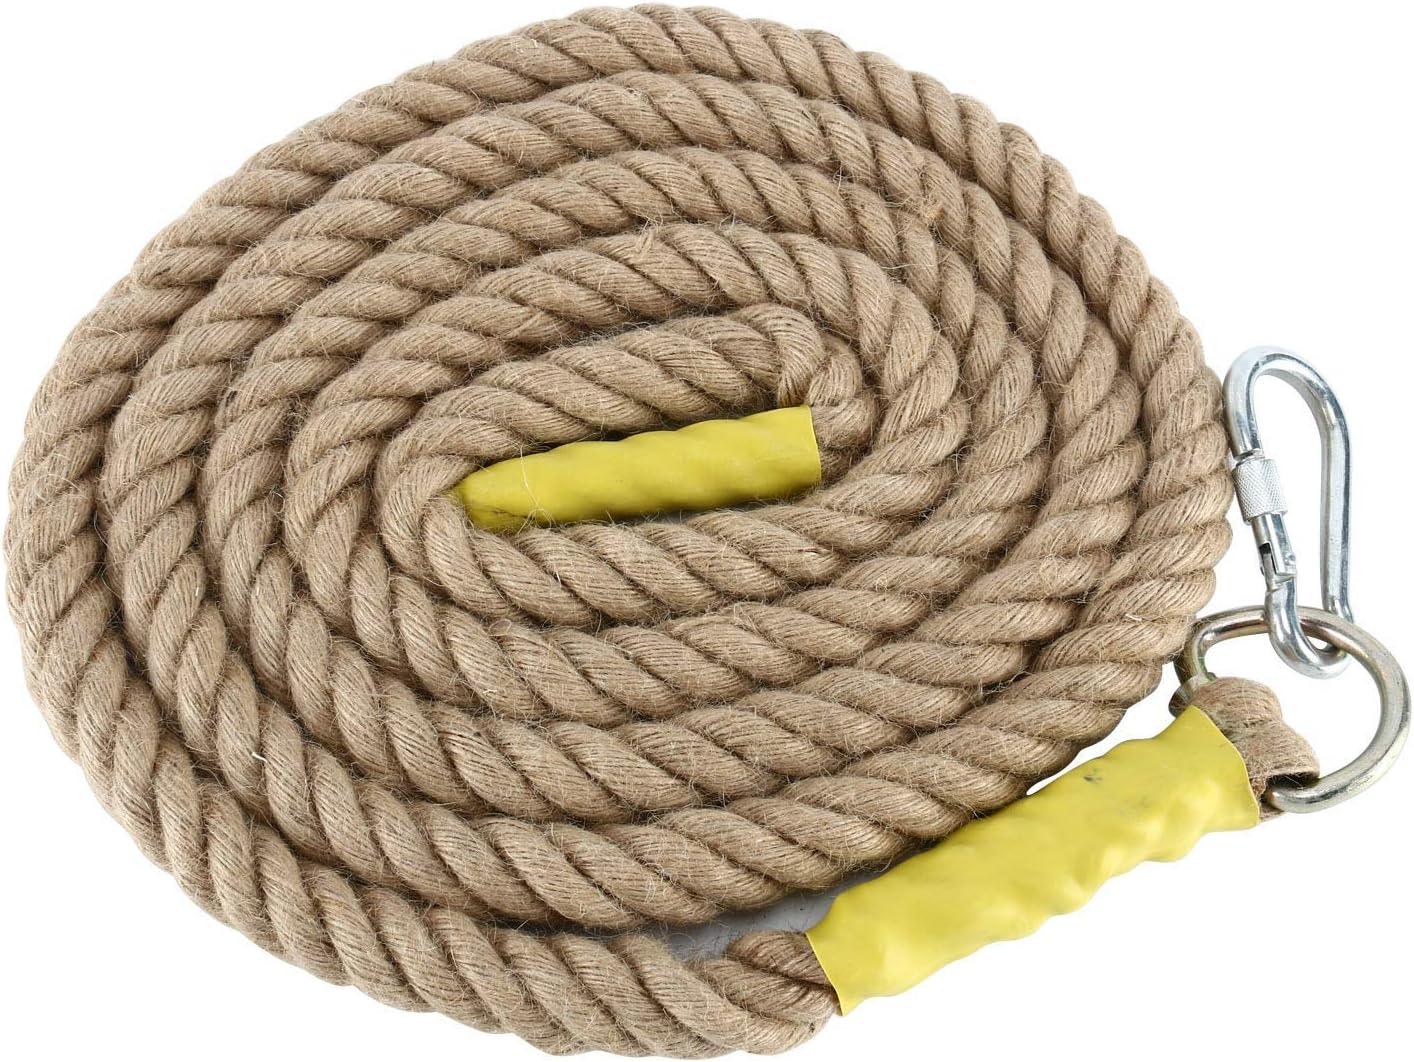 10, 1.2 PULGADAS NiceDD Cuerdas de escalada para gimnasio de 10//13 pies para trabajo pesado con mosquet/ón para adultos Mejore el agarre y aumente la potencia